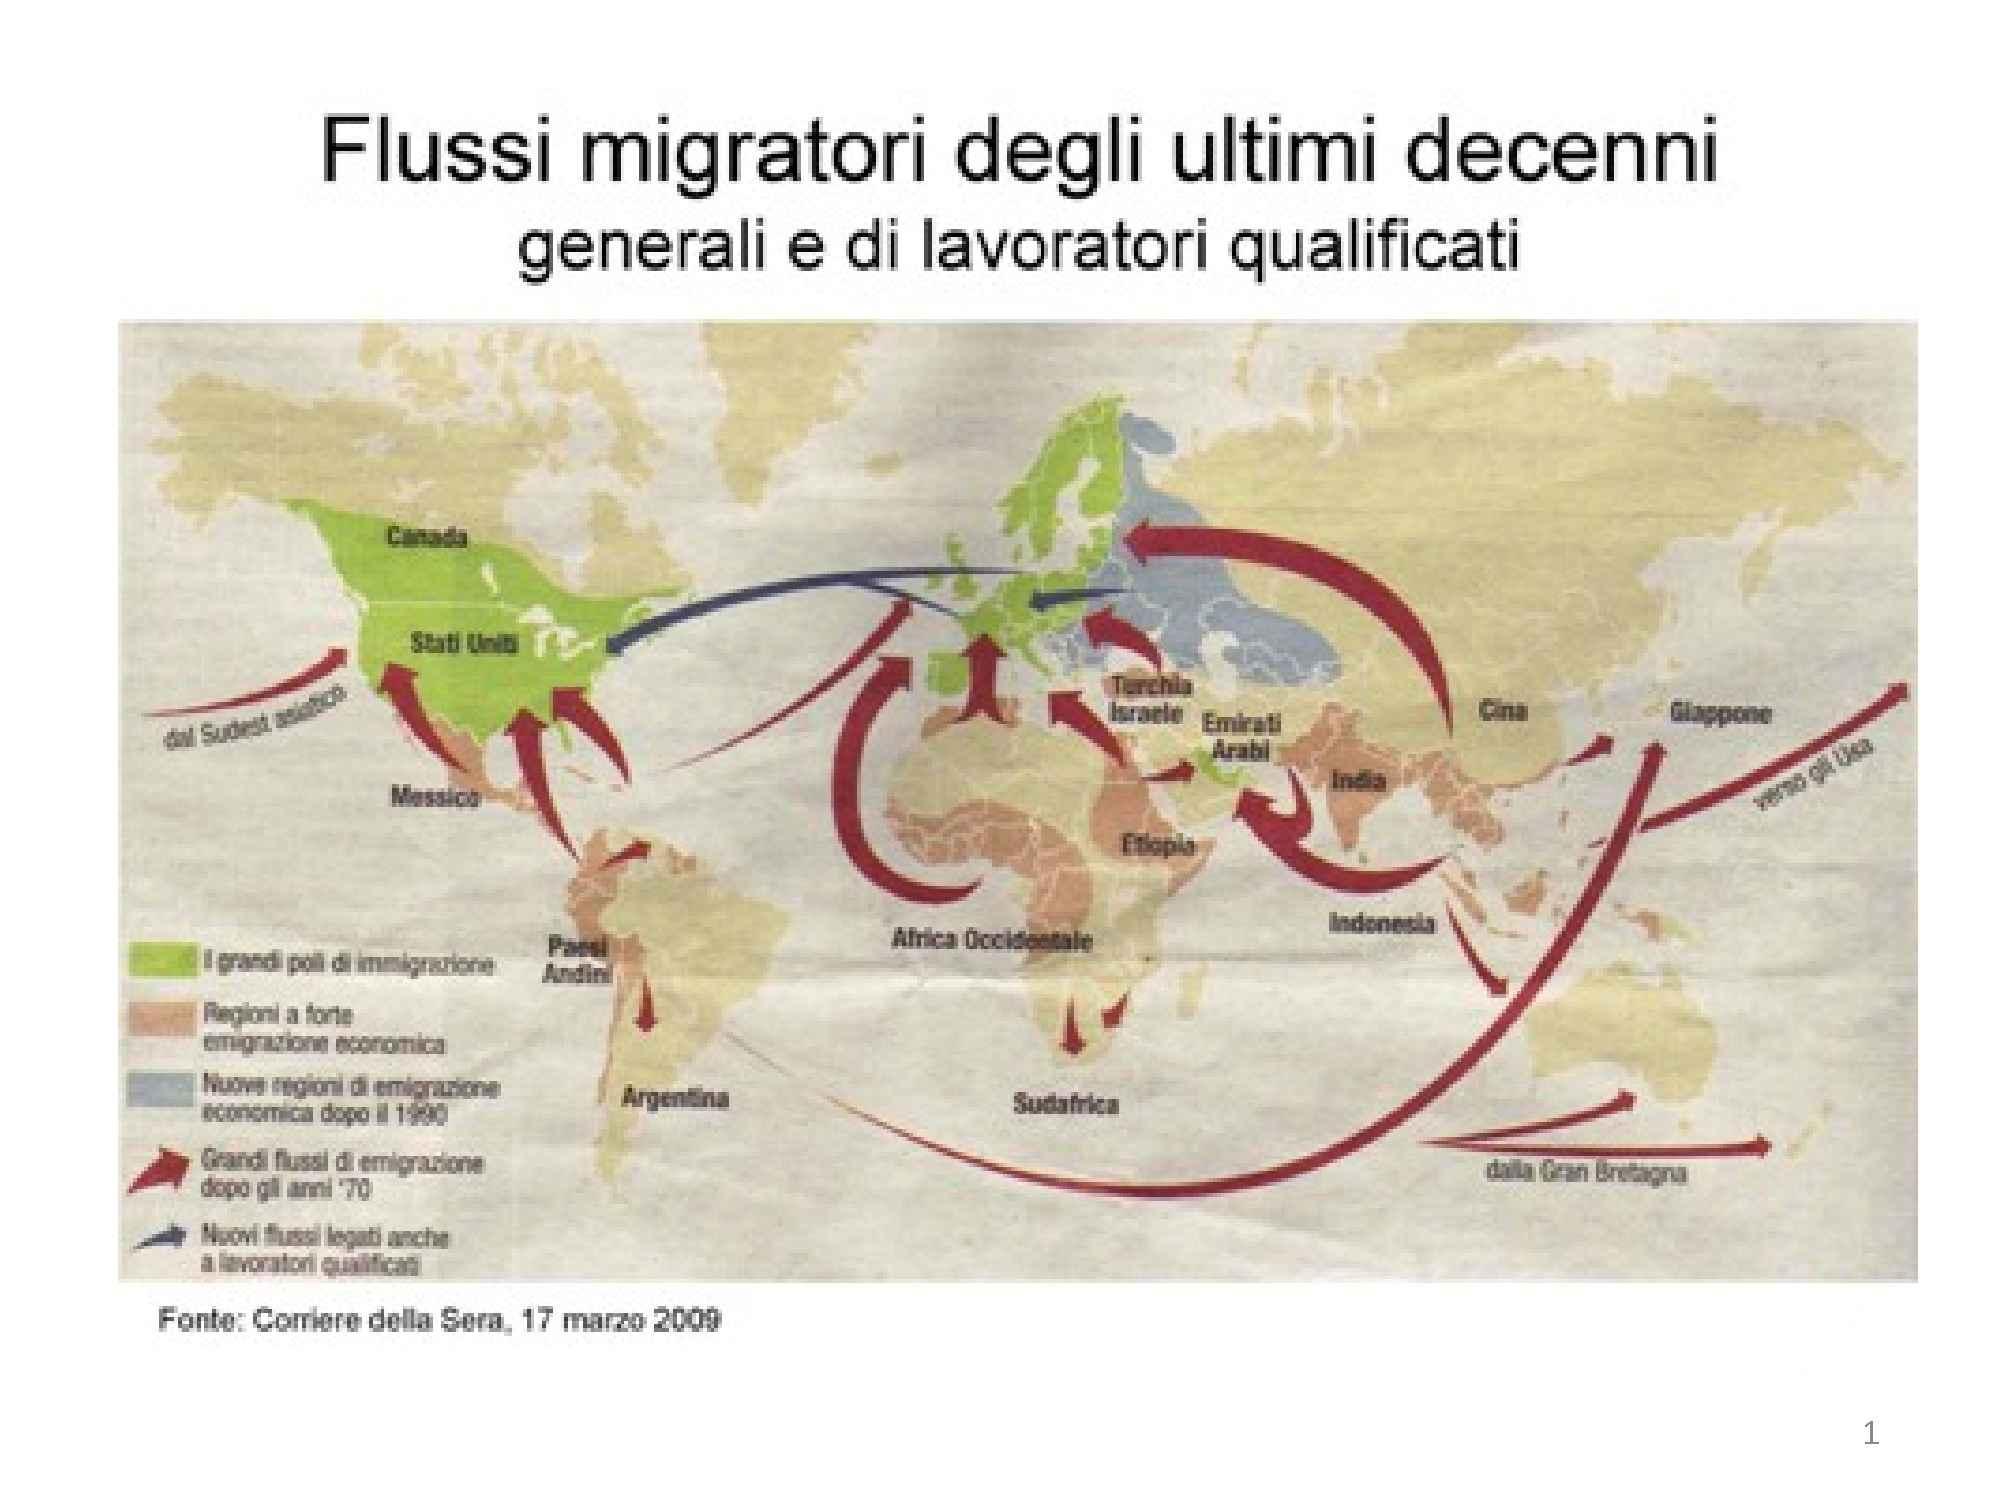 Mappa dei flussi migratori internazionali